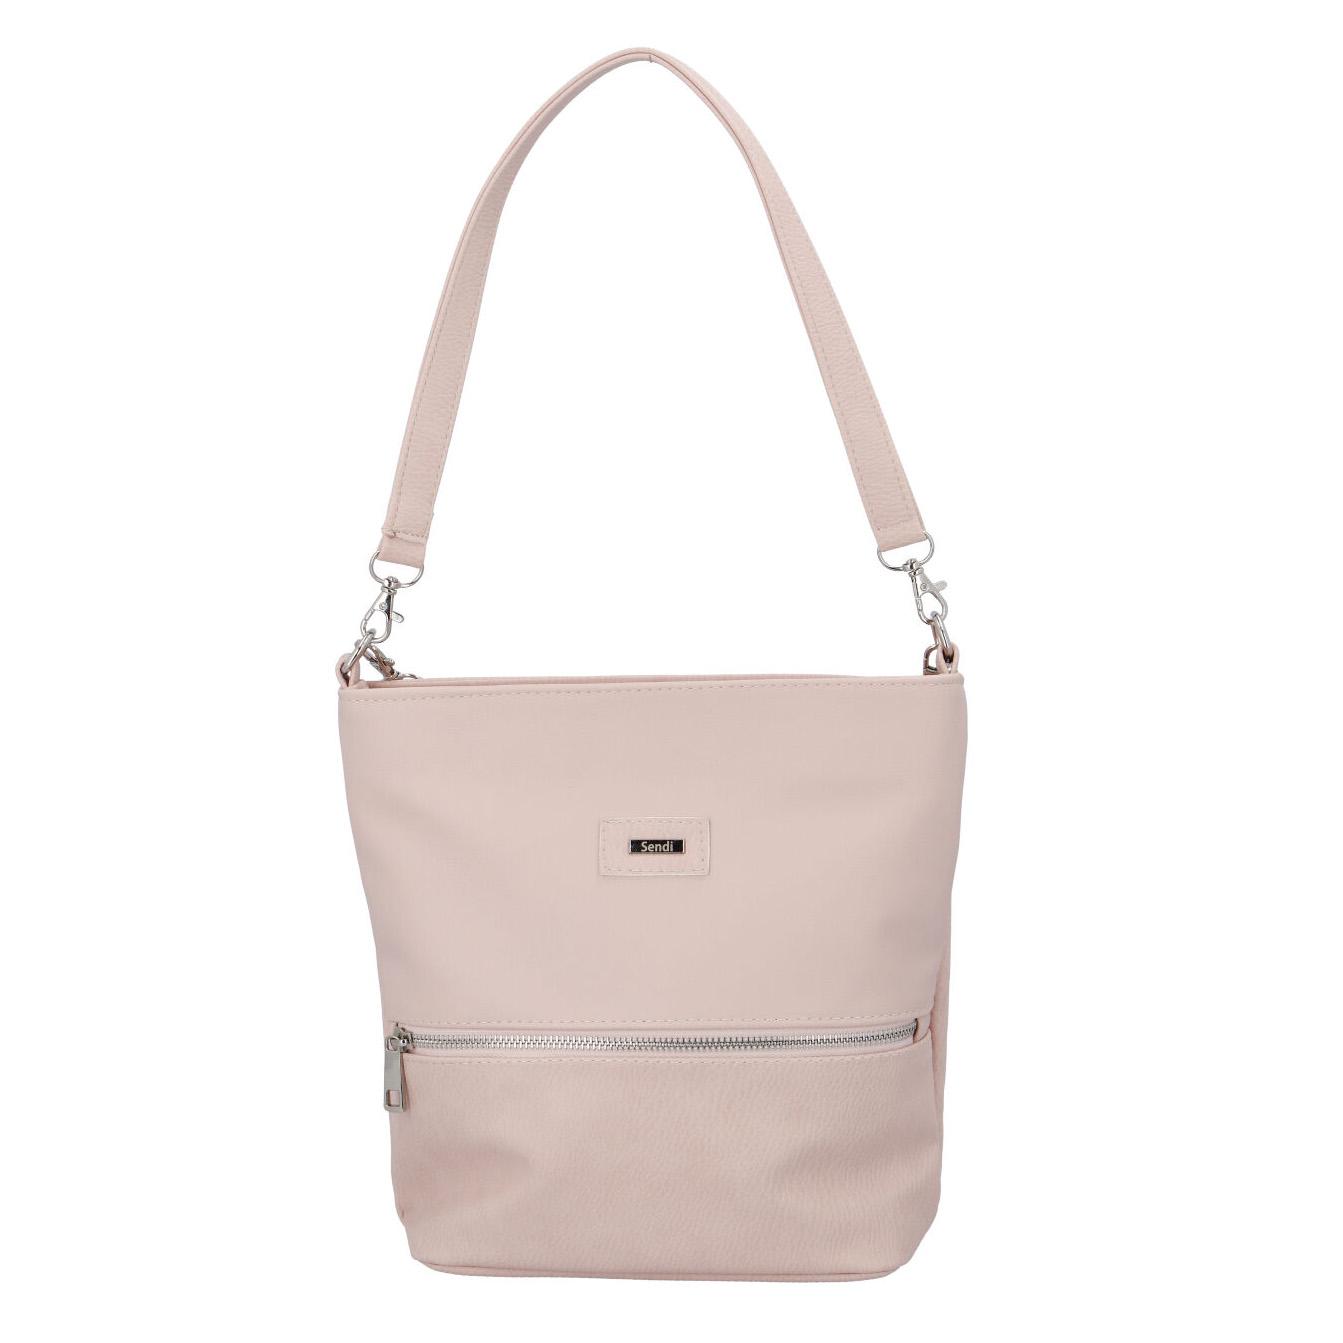 Dámská kabelka světle růžová - SendiDesign Woman